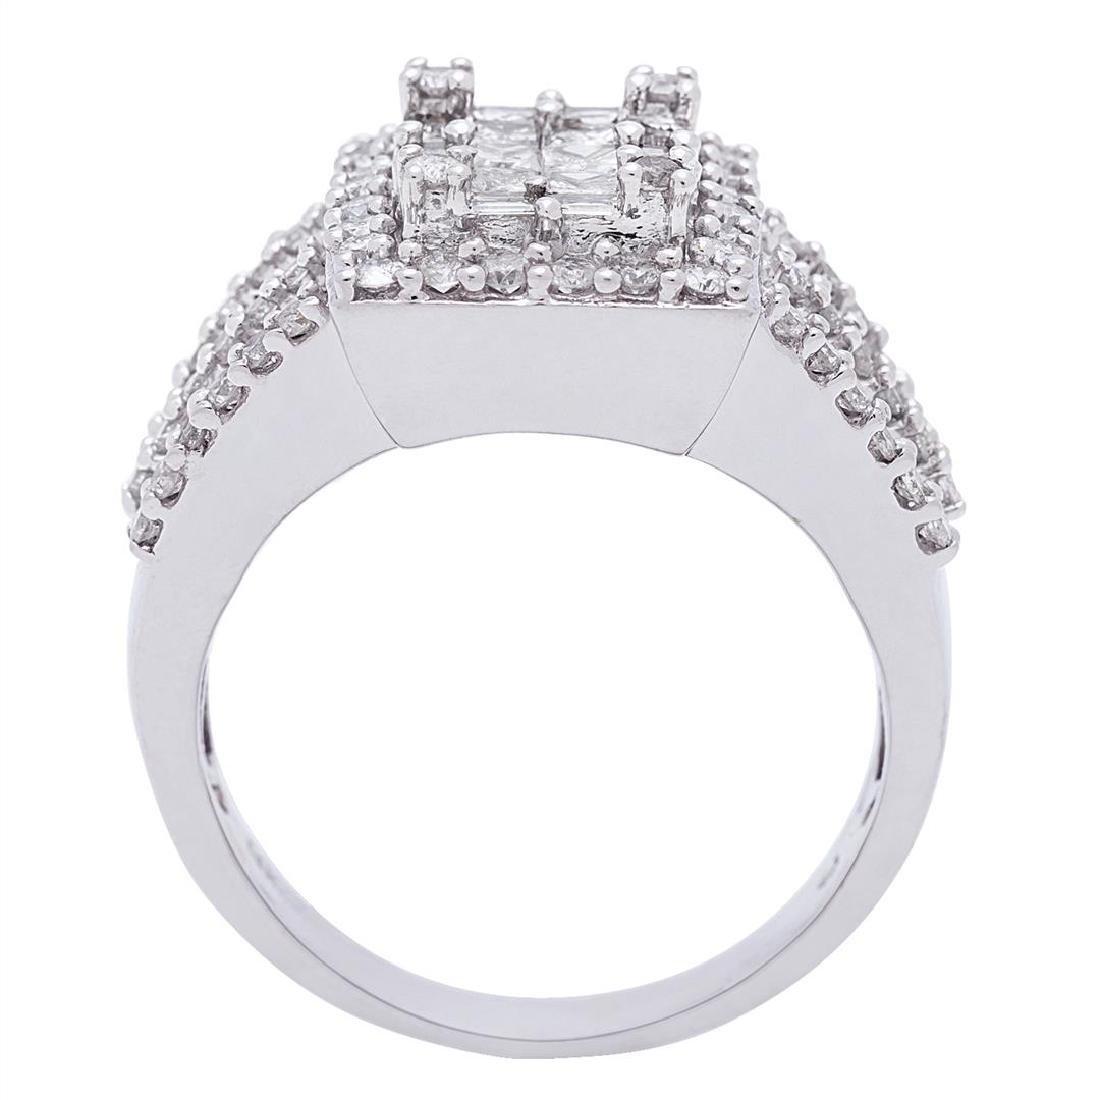 1.44 ctw Diamond Ring - 14KT White Gold - 3